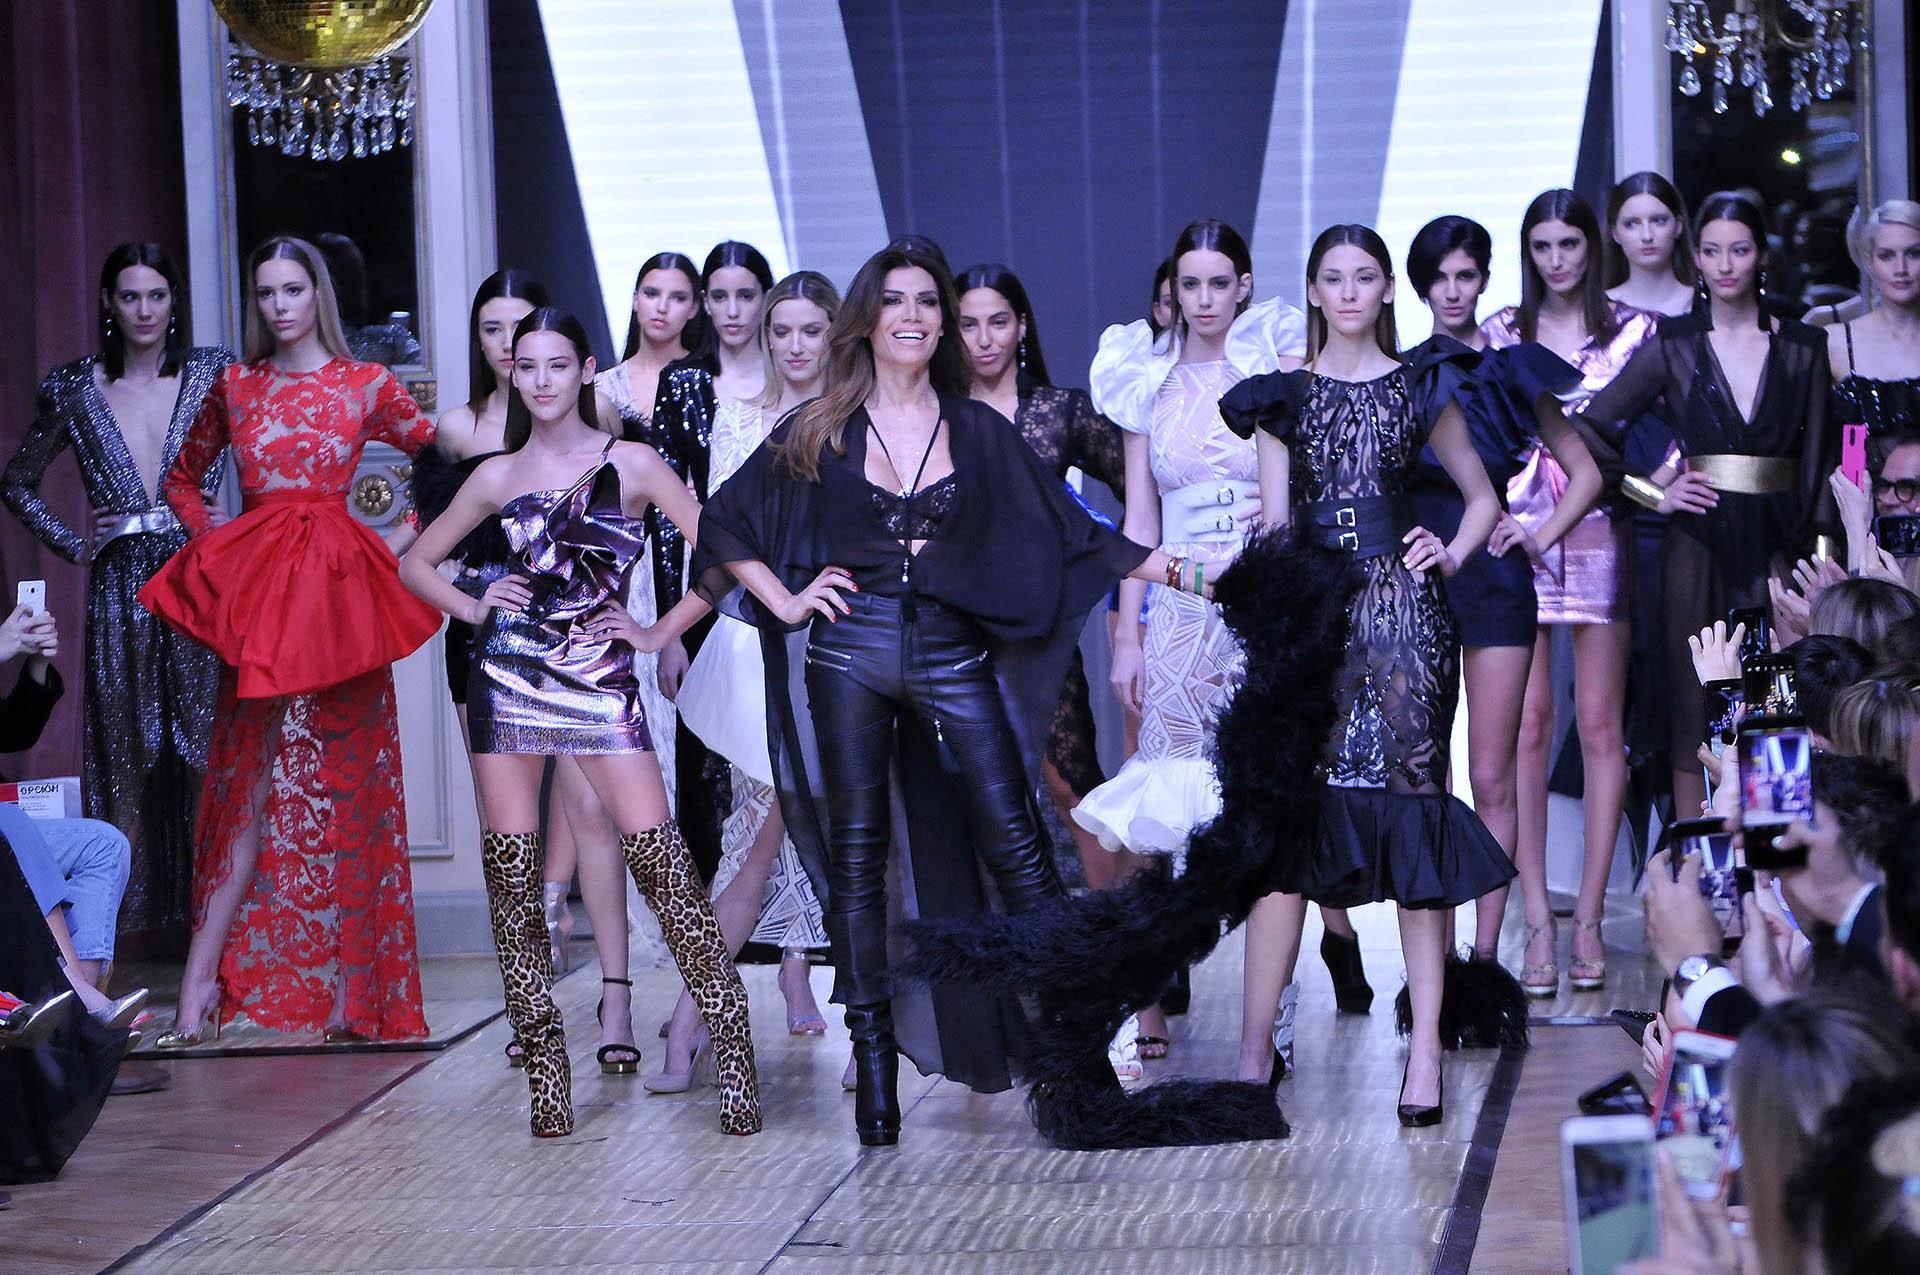 En el Fashion Week, Florencia de la V debutó como diseñadora con su marca Madame V con un desfile que se realizó en el hotel Alvear (Teleshow)